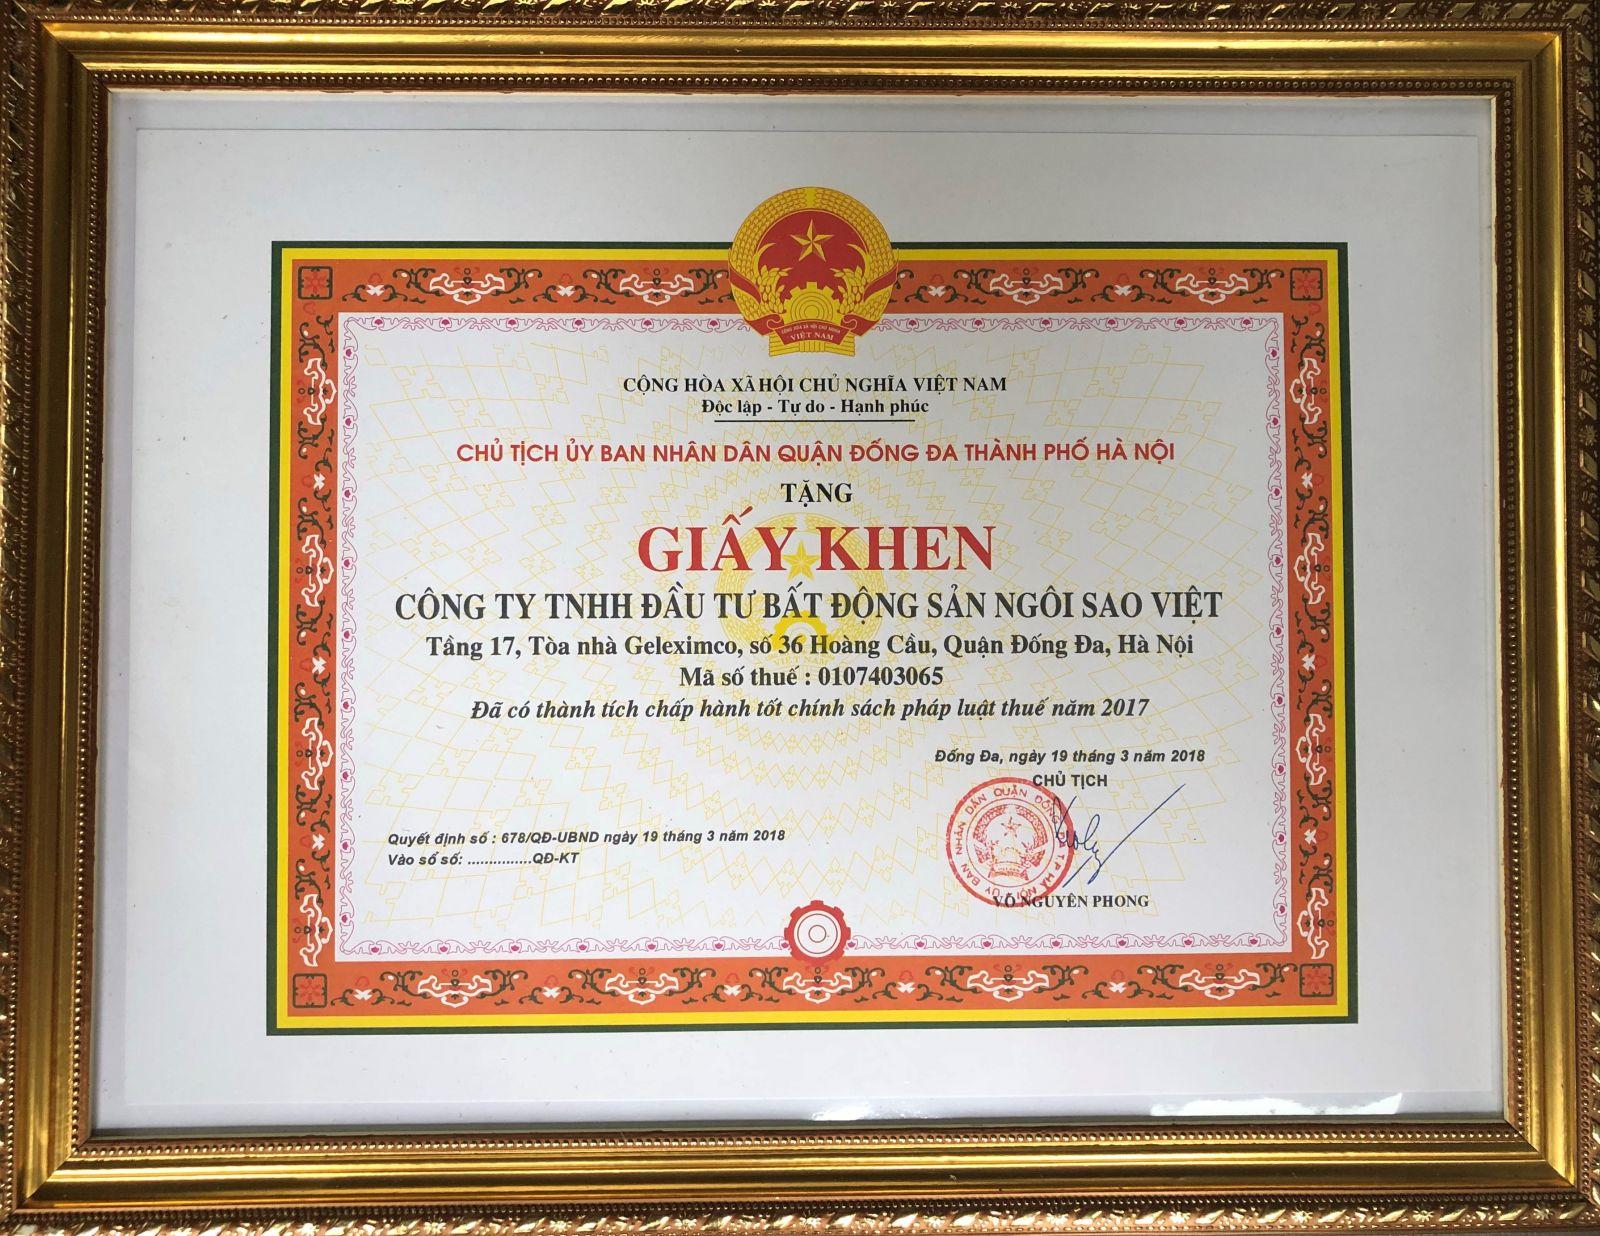 Công ty TNHH Đầu tư Bất động sản Ngôi Sao Việt - Chủ đầu tư dự án D'. Capitale nhận bằng khen chấp hành tốt chính sách pháp luật thuế năm 2017 của UBND quận Đống Đa